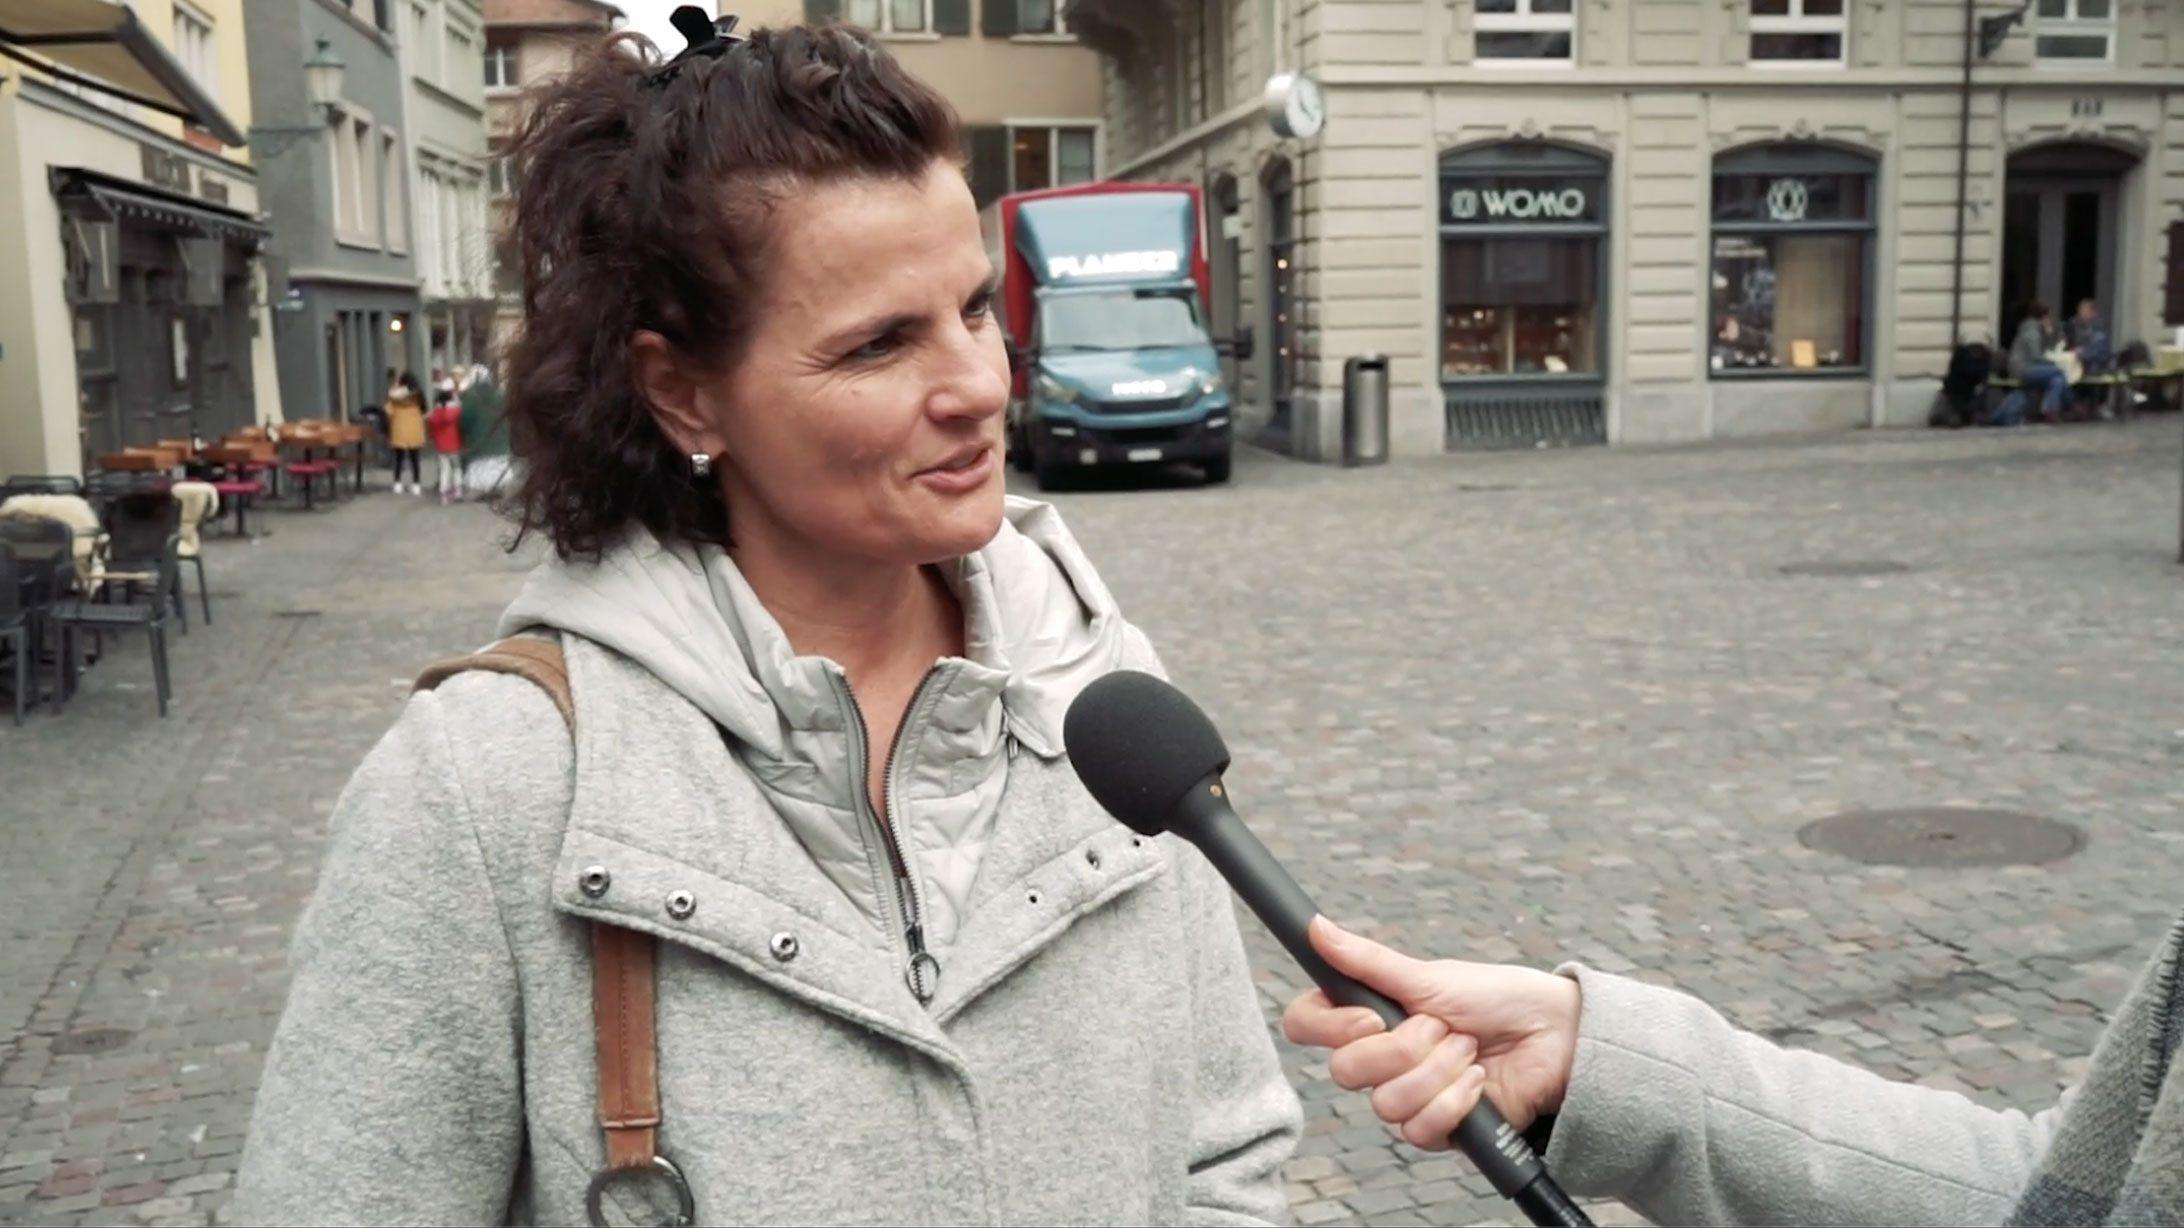 Bild einer Frau die interviewt wird